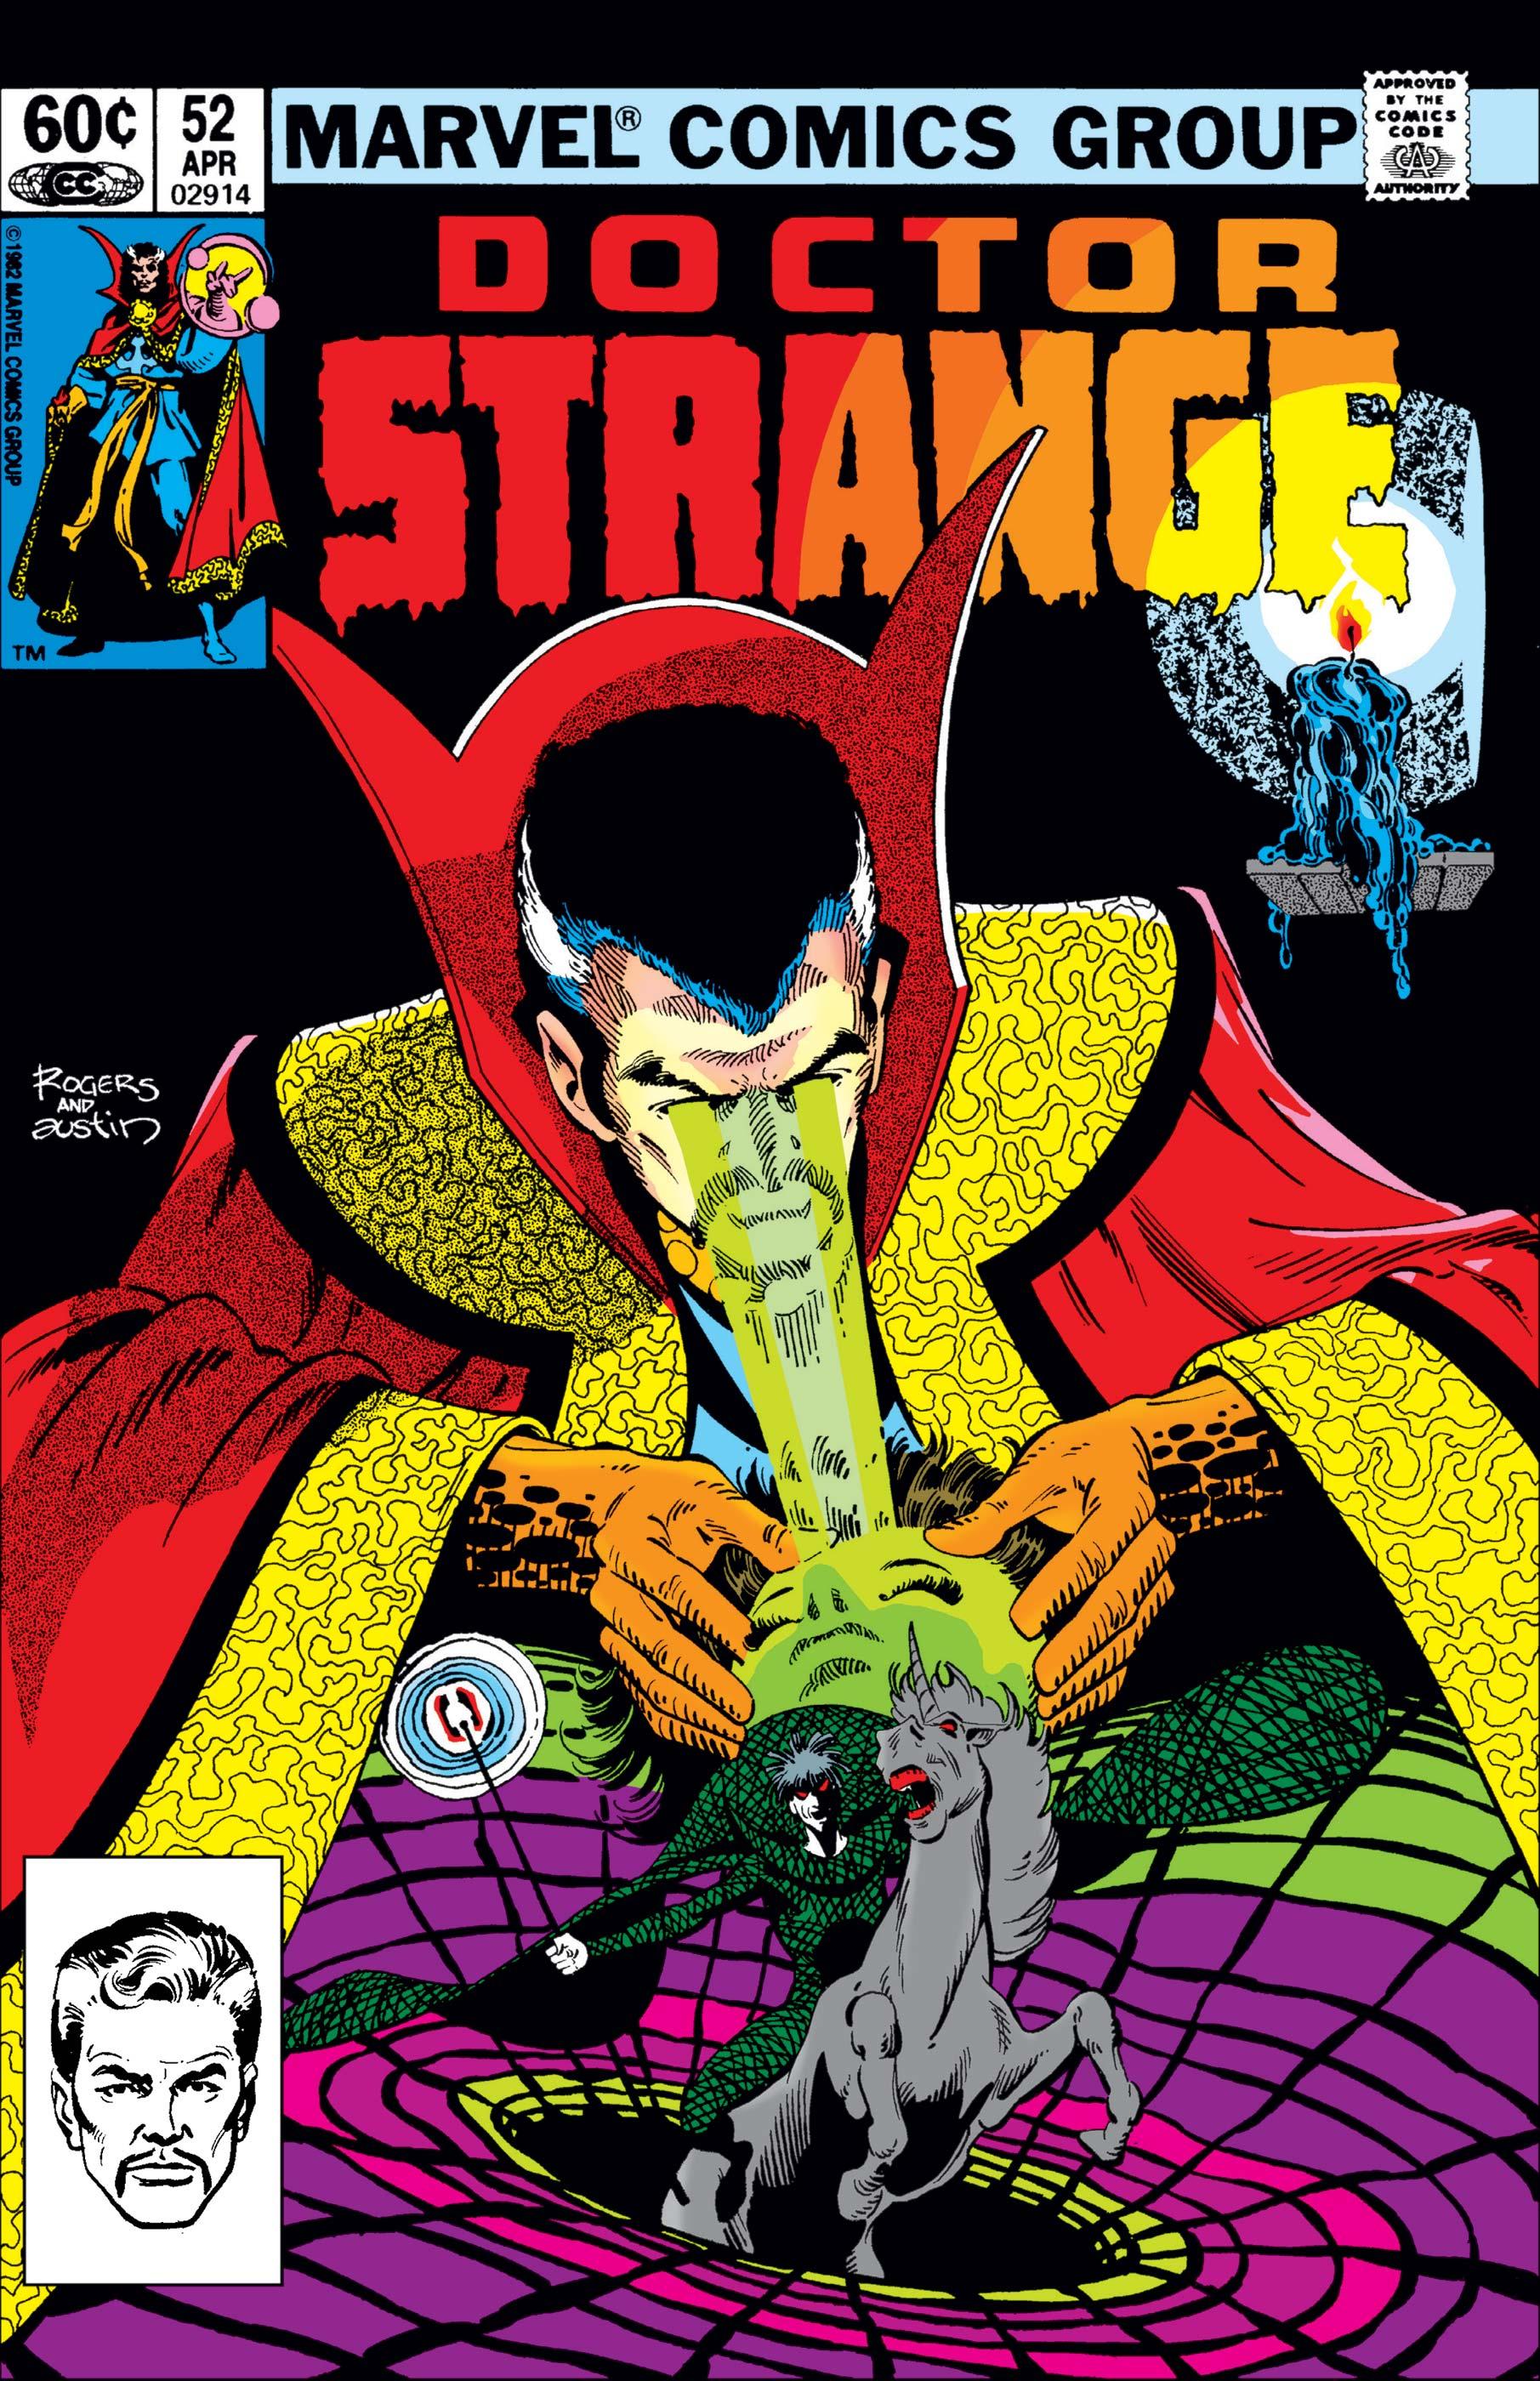 Doctor Strange (1974) #52